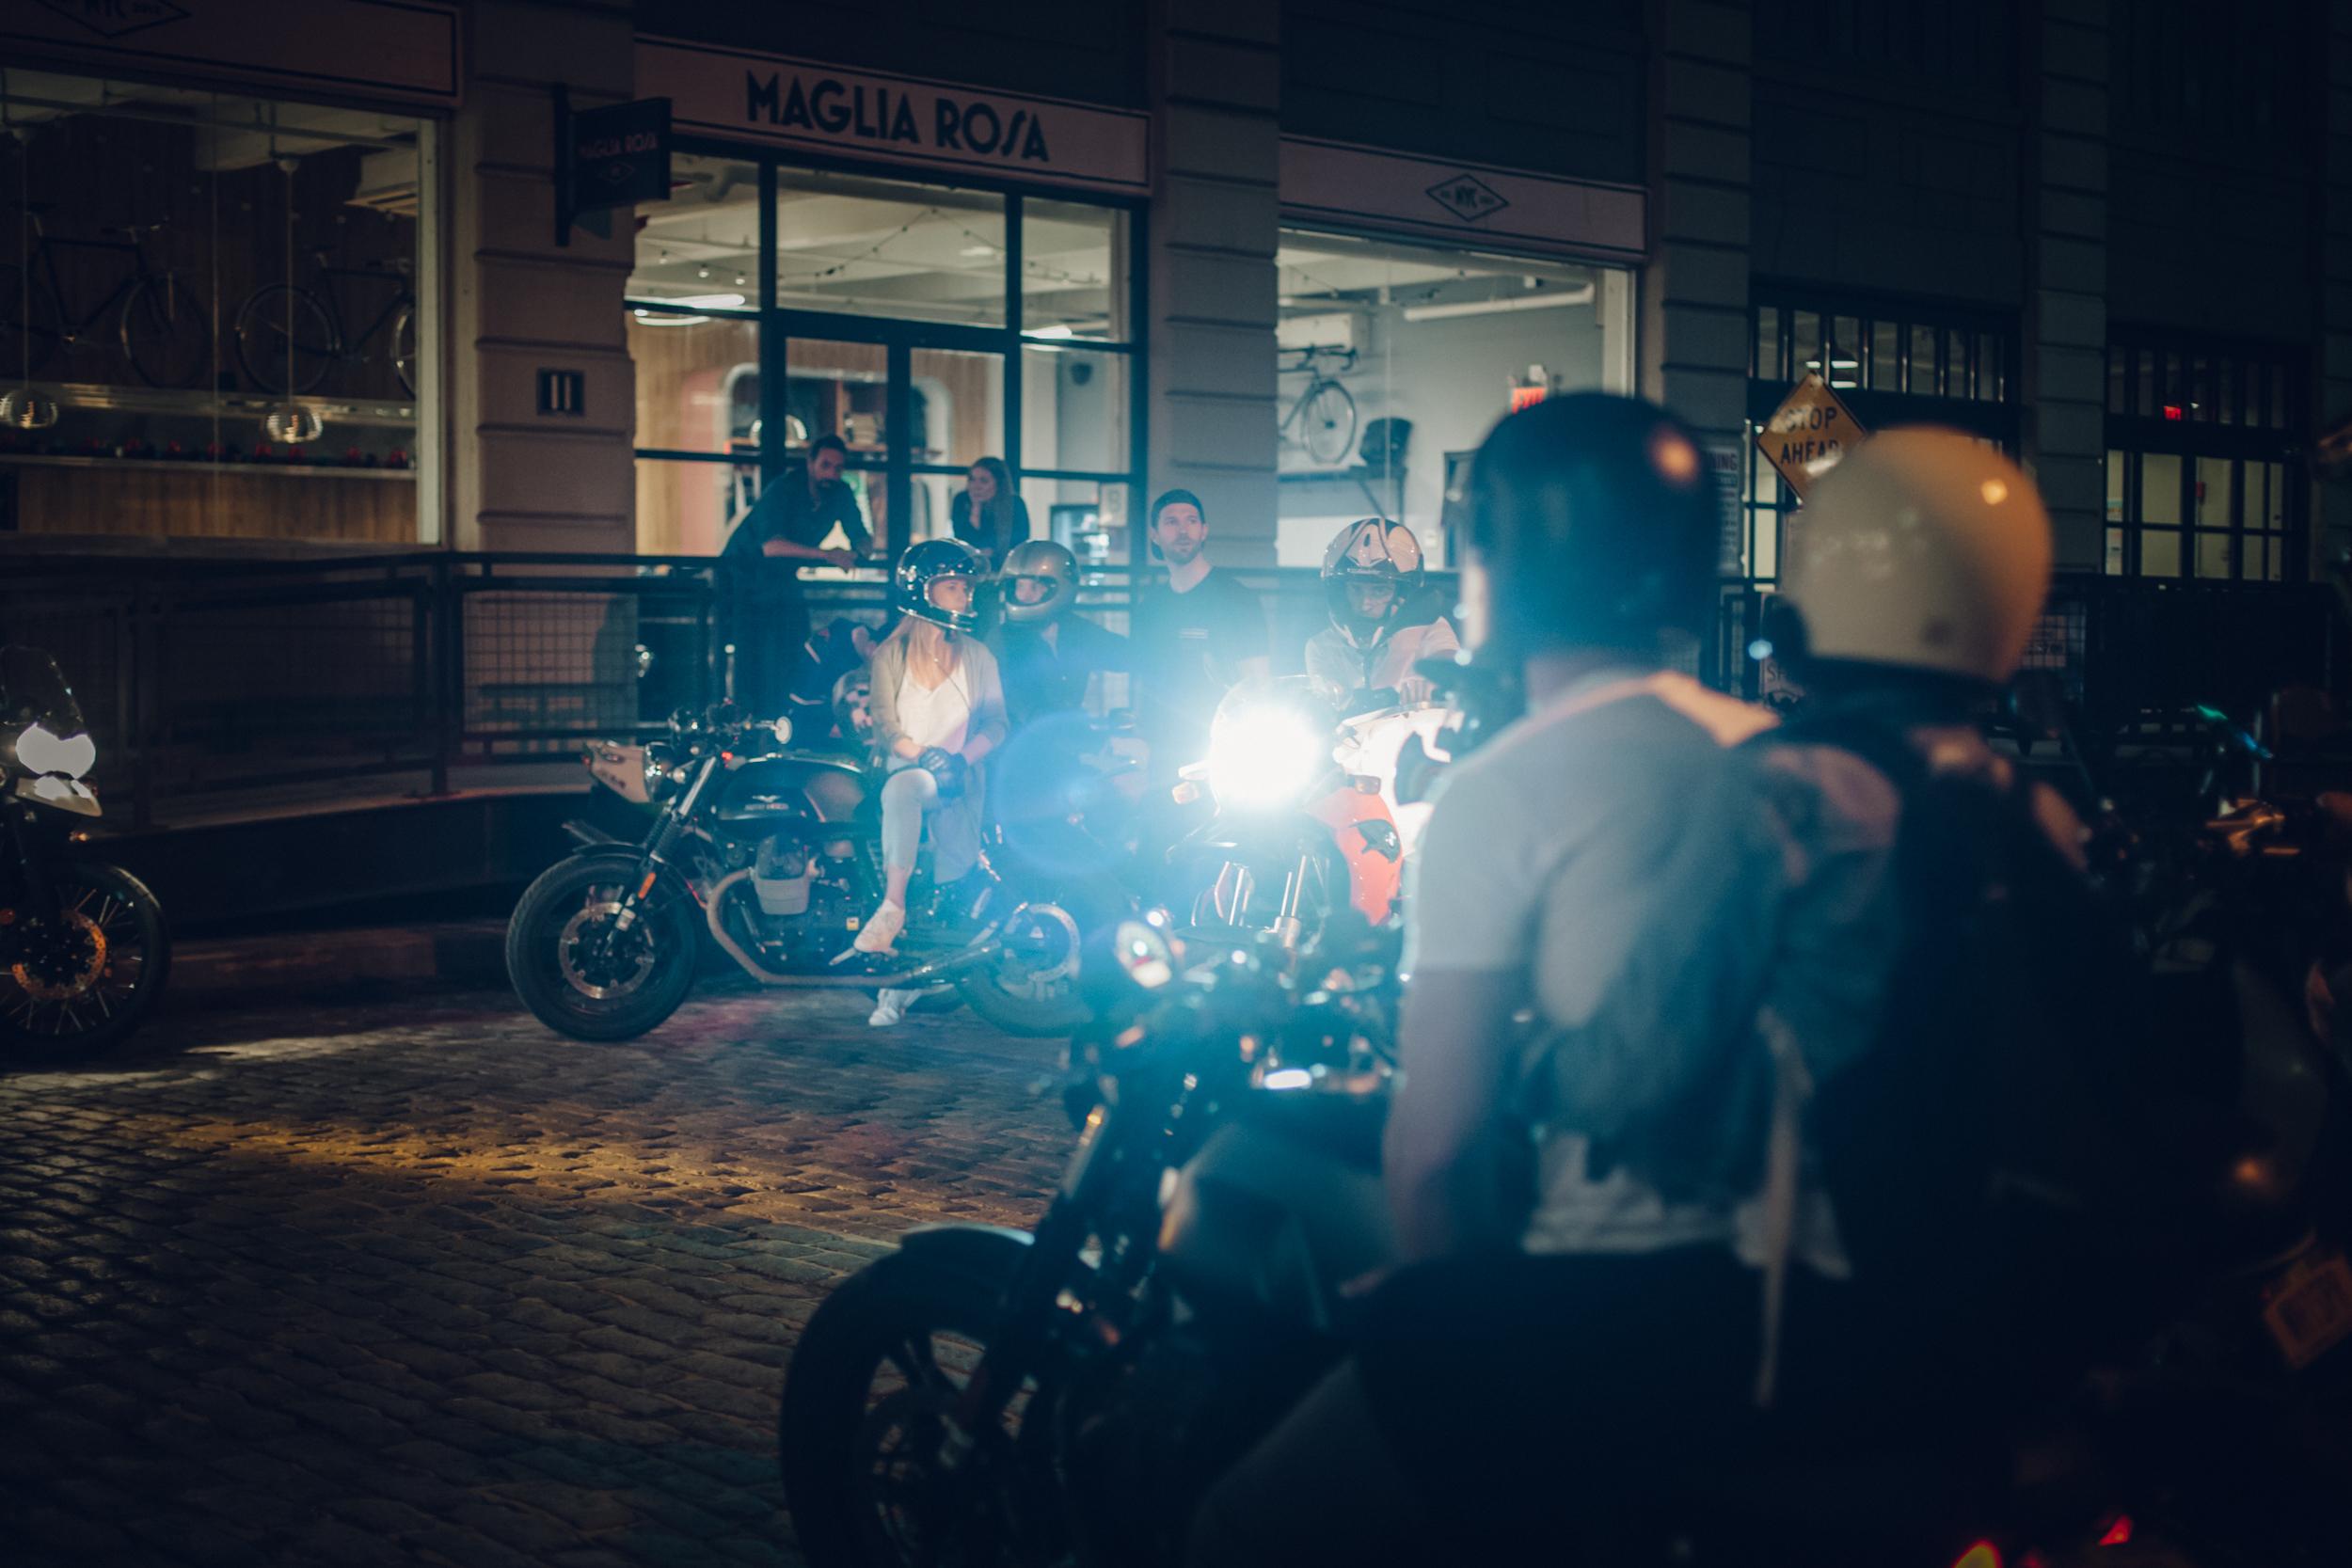 ViktorRadics_#TheMotoSocialNEWYORK_May_3_2018_MagliaRosa_IMG_6321.jpg